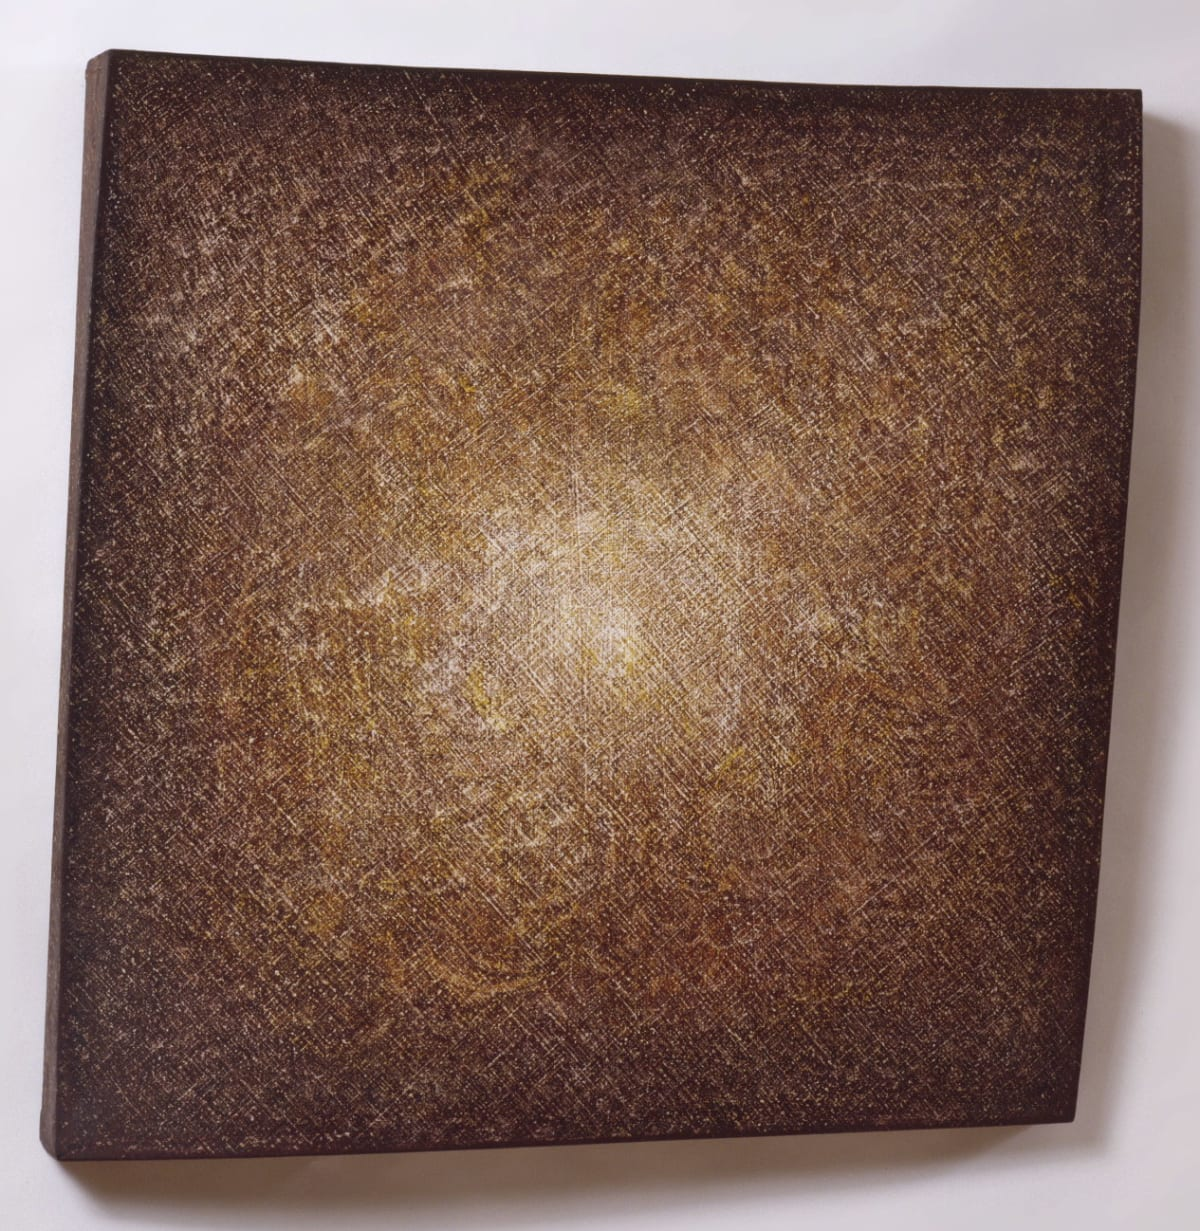 Beppe Kessler, Brown sanded canvas